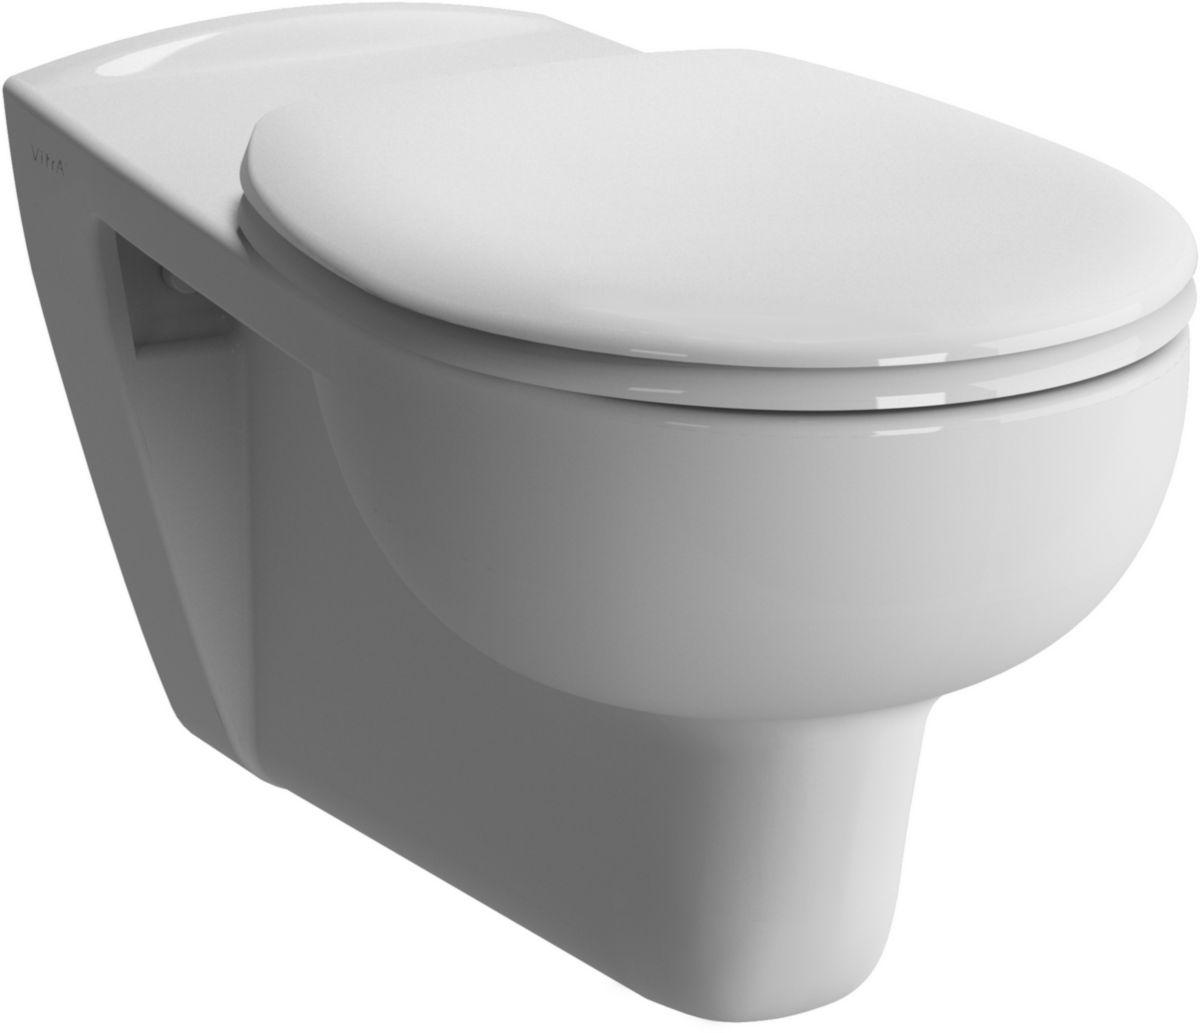 Marque De Toilette Suspendue cuvette wc suspendue allongée mobilita 70 cm en céramique blanc sans  abattant